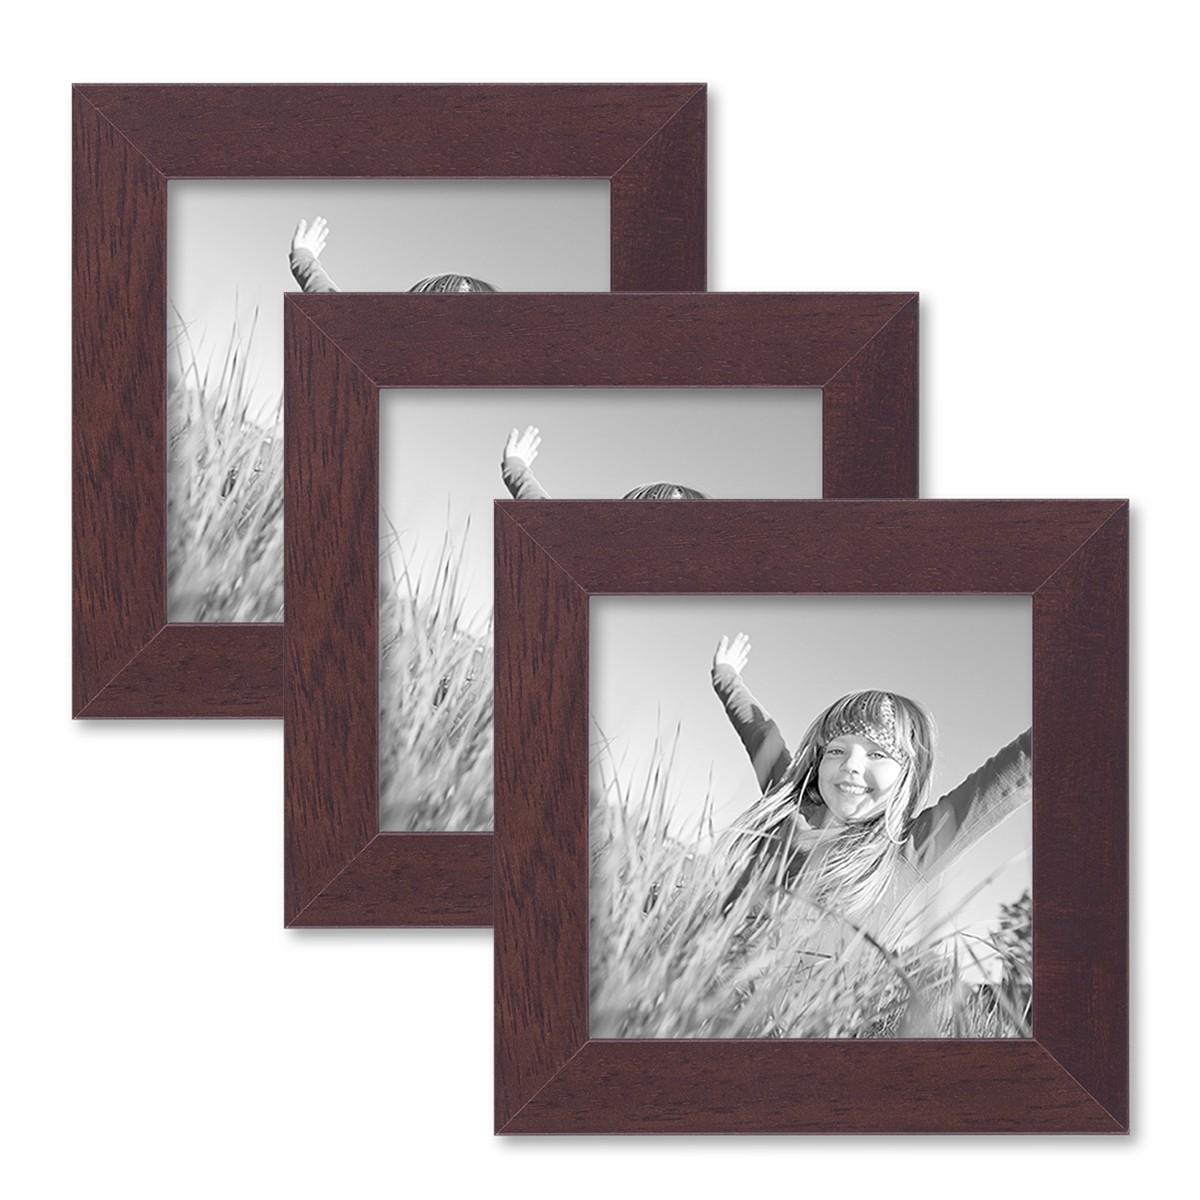 3er set bilderrahmen 10x10 cm nuss modern massivholz rahmen mit glasscheibe und zubeh r. Black Bedroom Furniture Sets. Home Design Ideas